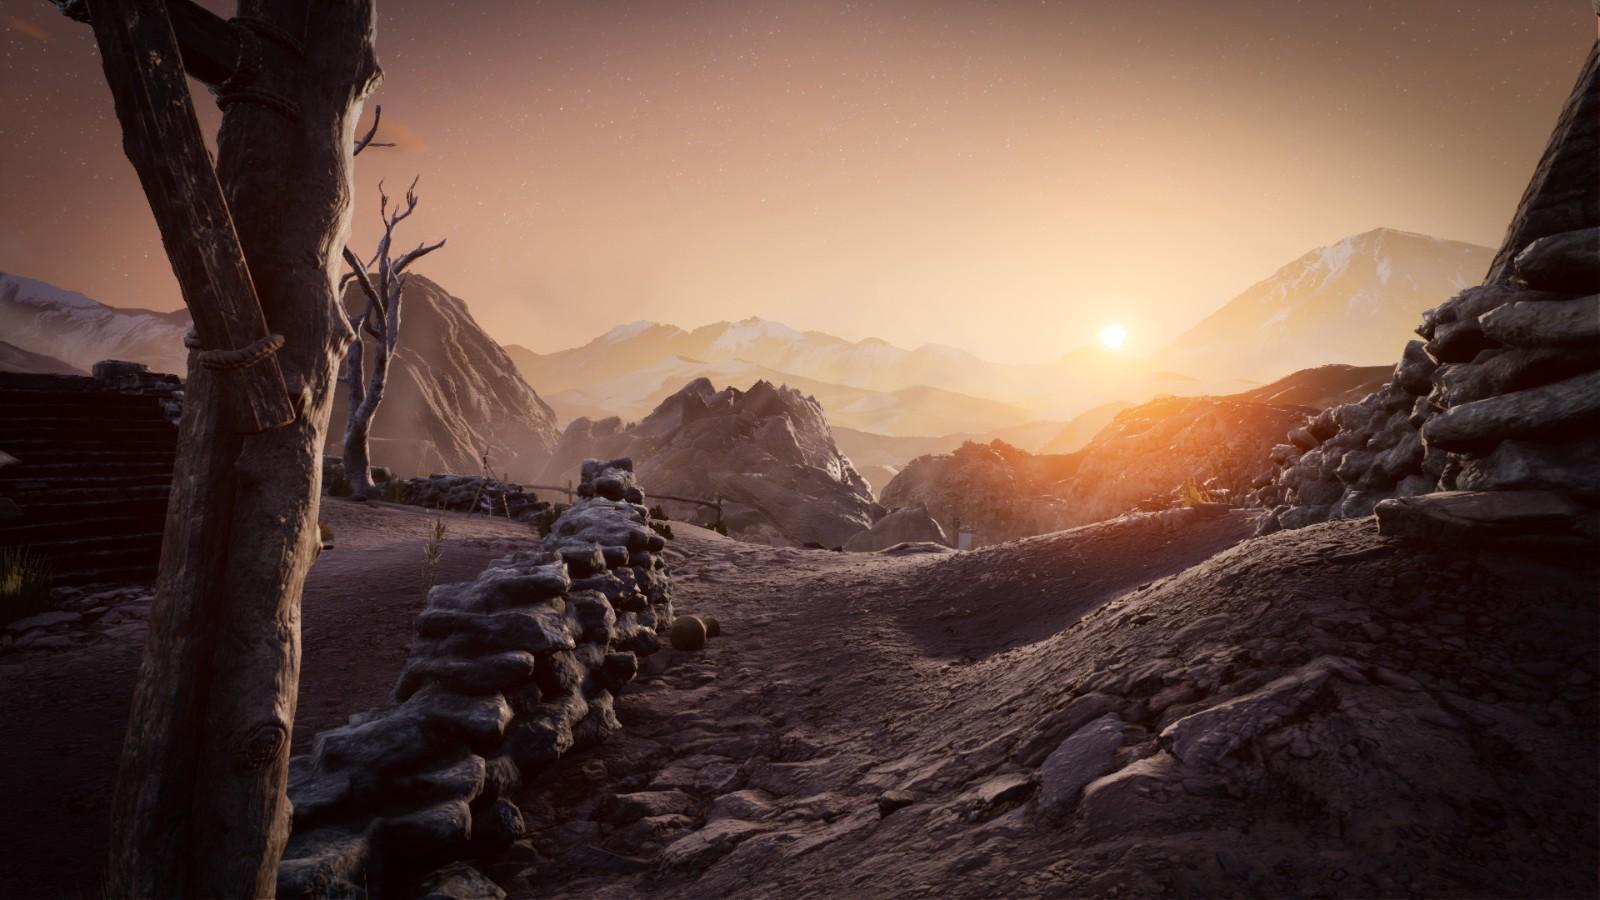 免费生存游戏《Arid》新预告官方版推出,斧牛加速器带你速览最新资讯